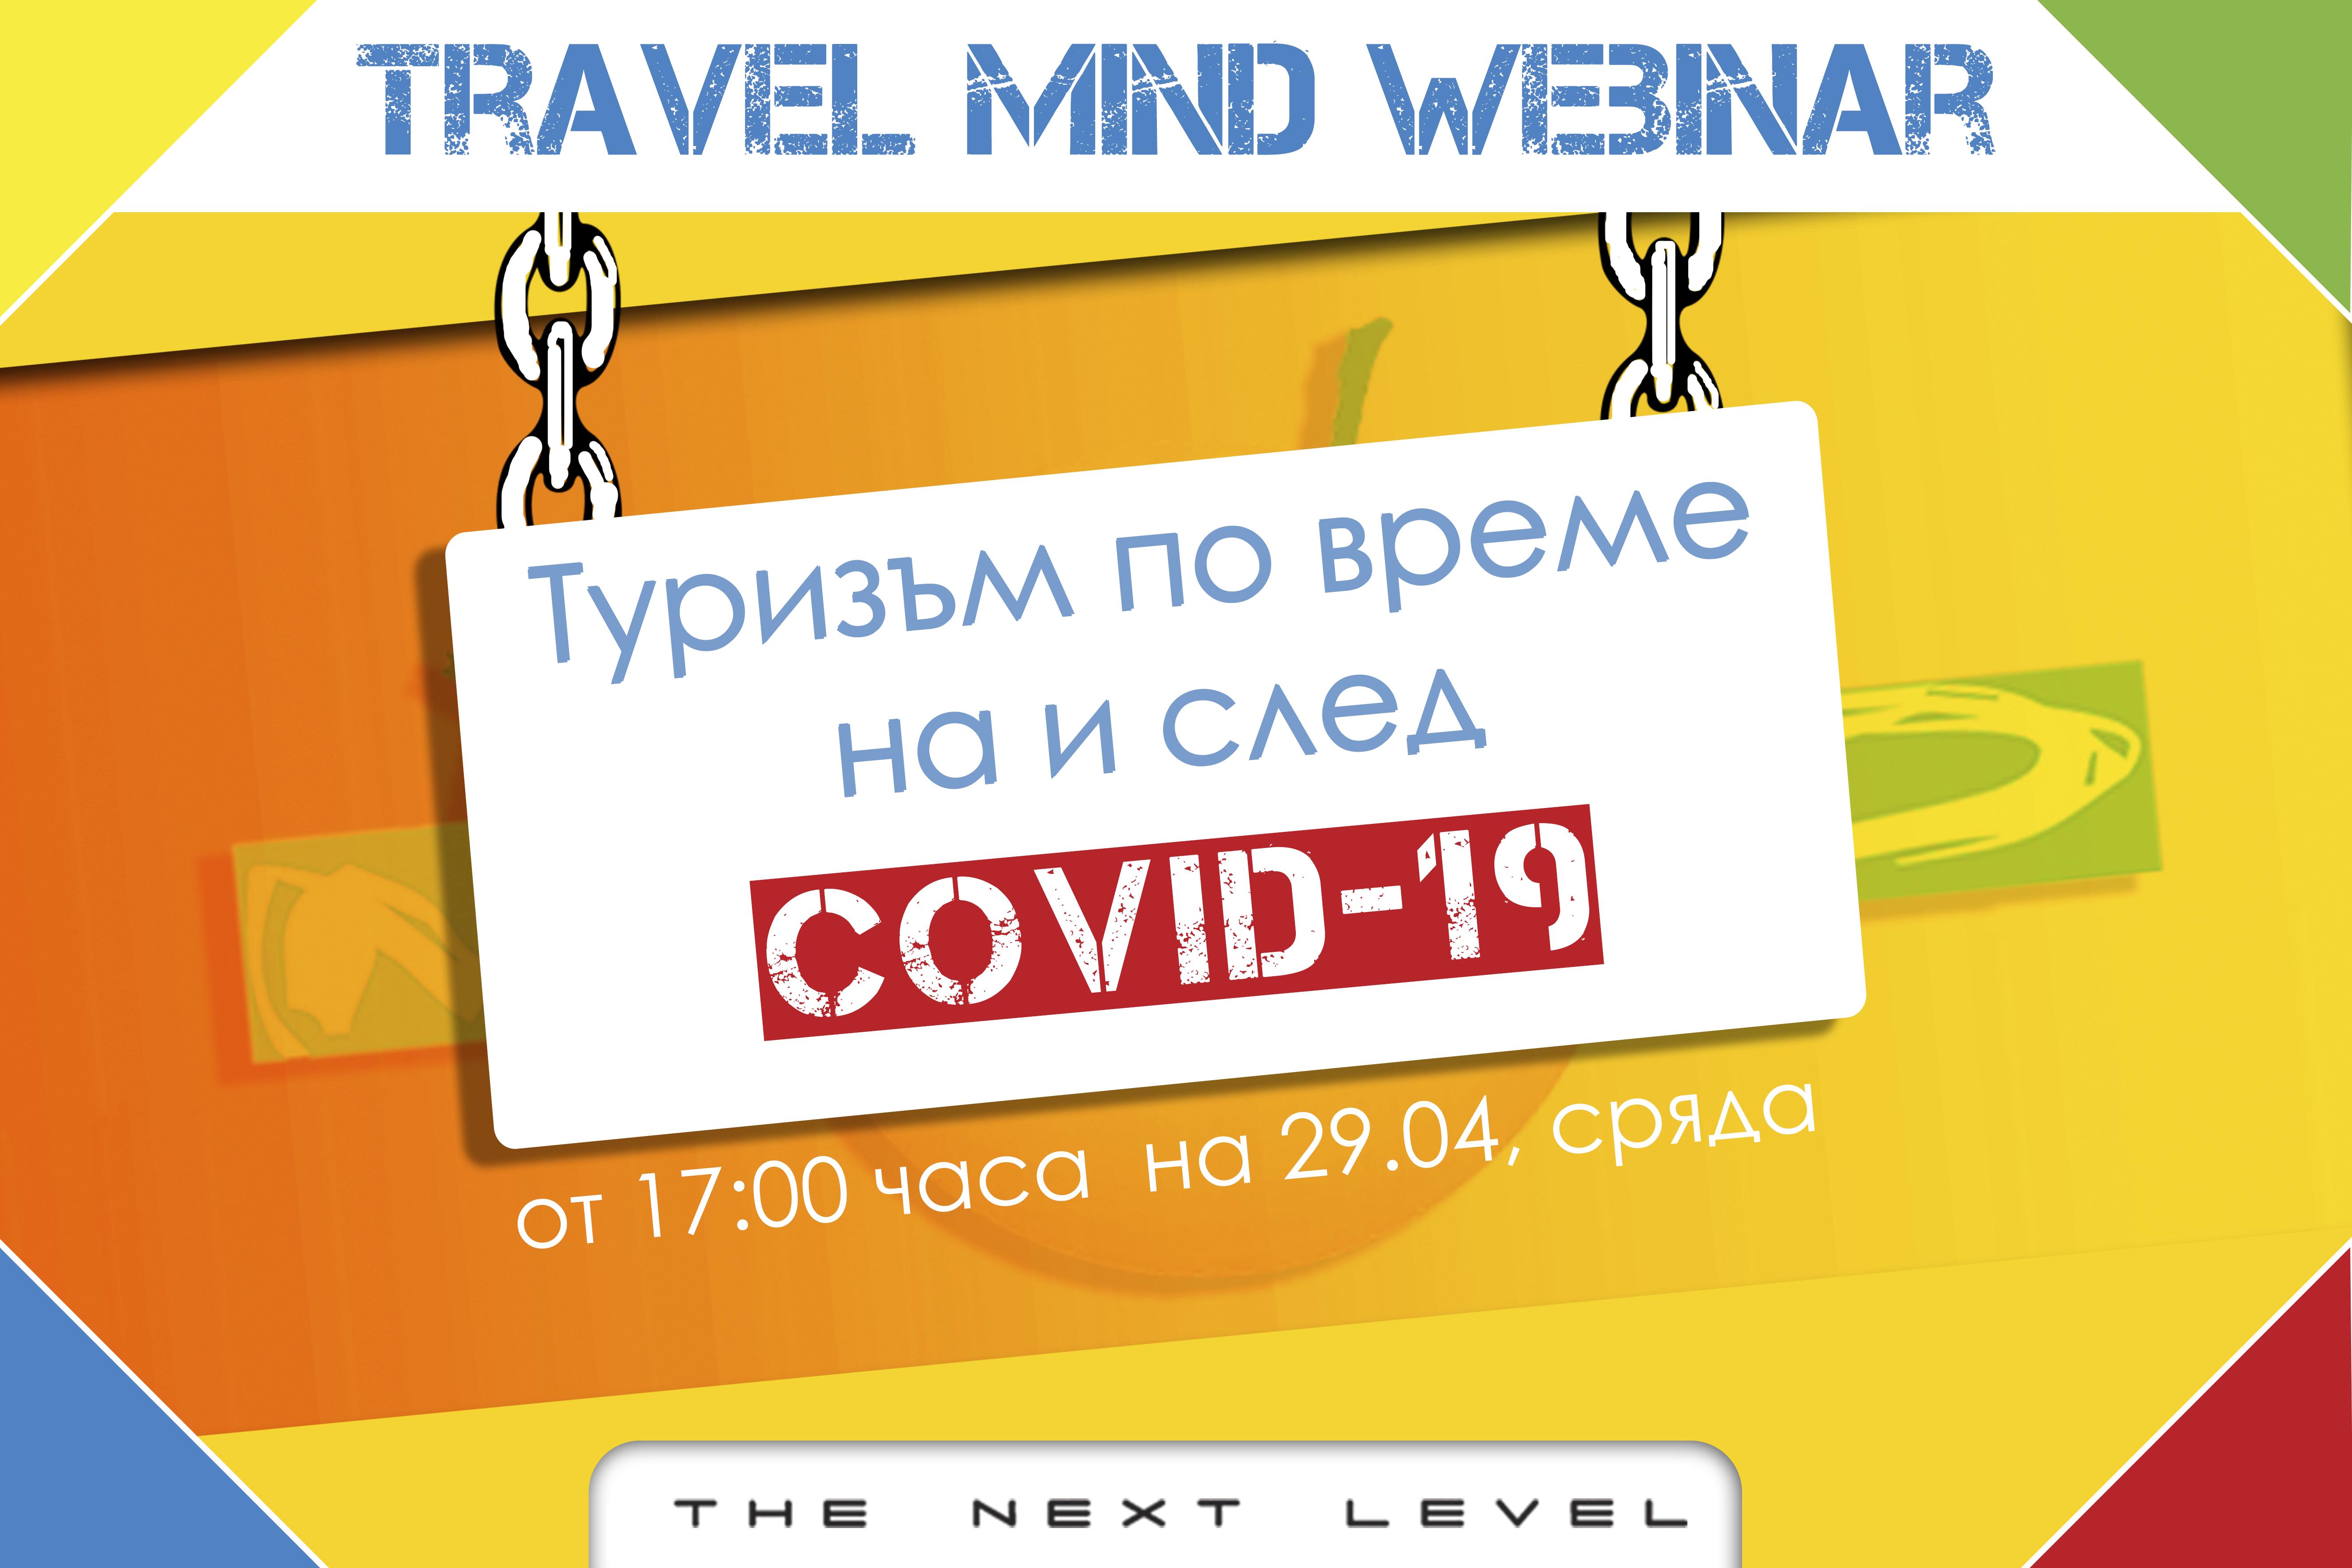 Туризъм по време на и след коронавирус